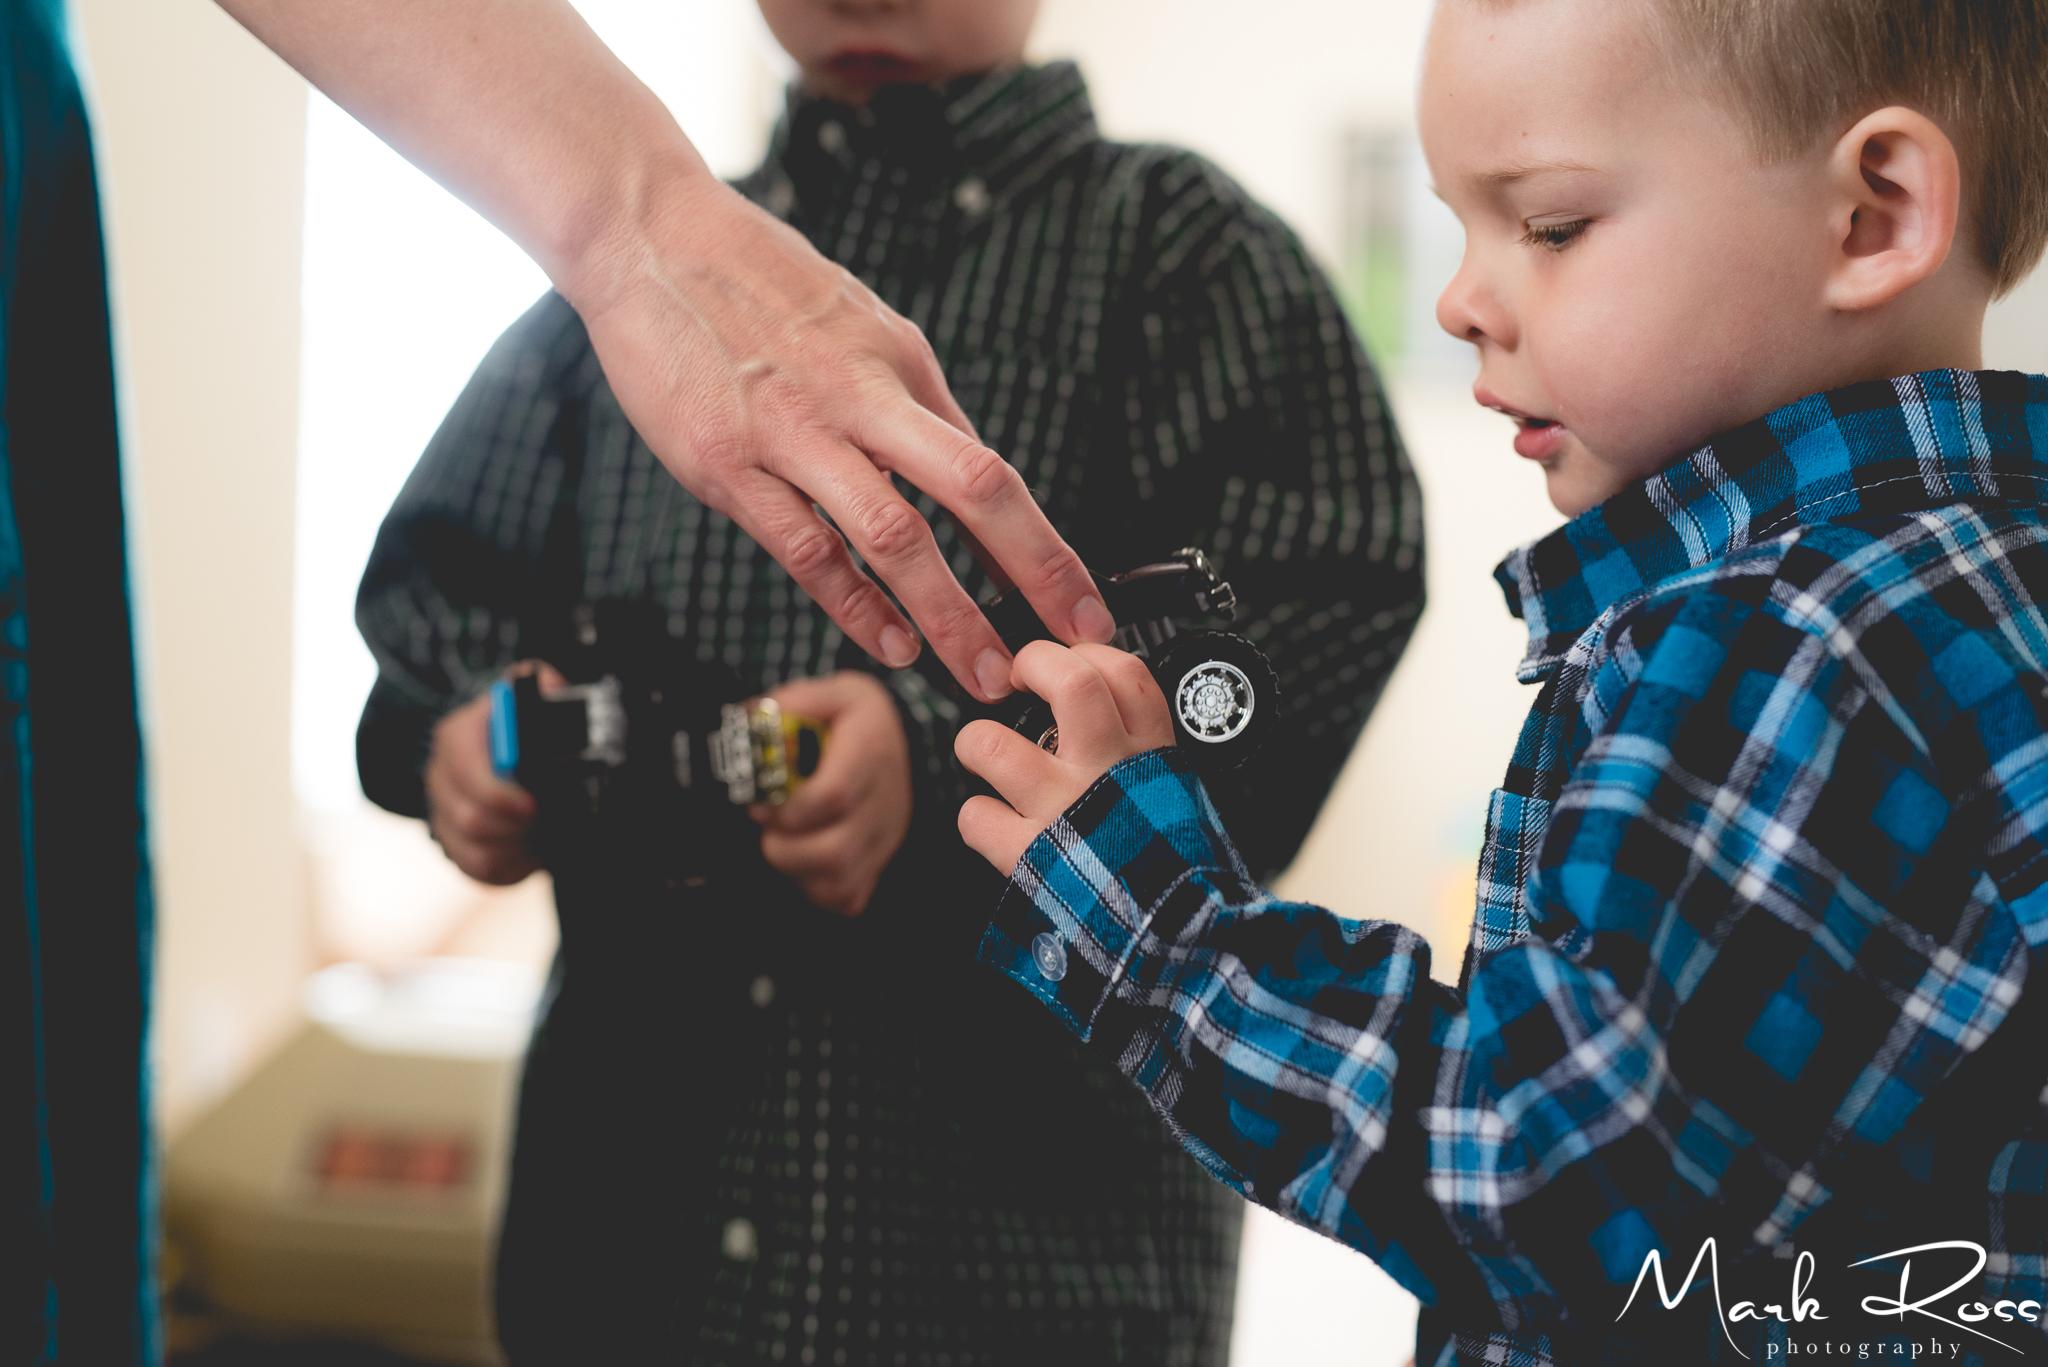 Denver-Family-Photographer-Blog-Mark-Ross-Photography-Glas-Family-4.jpg